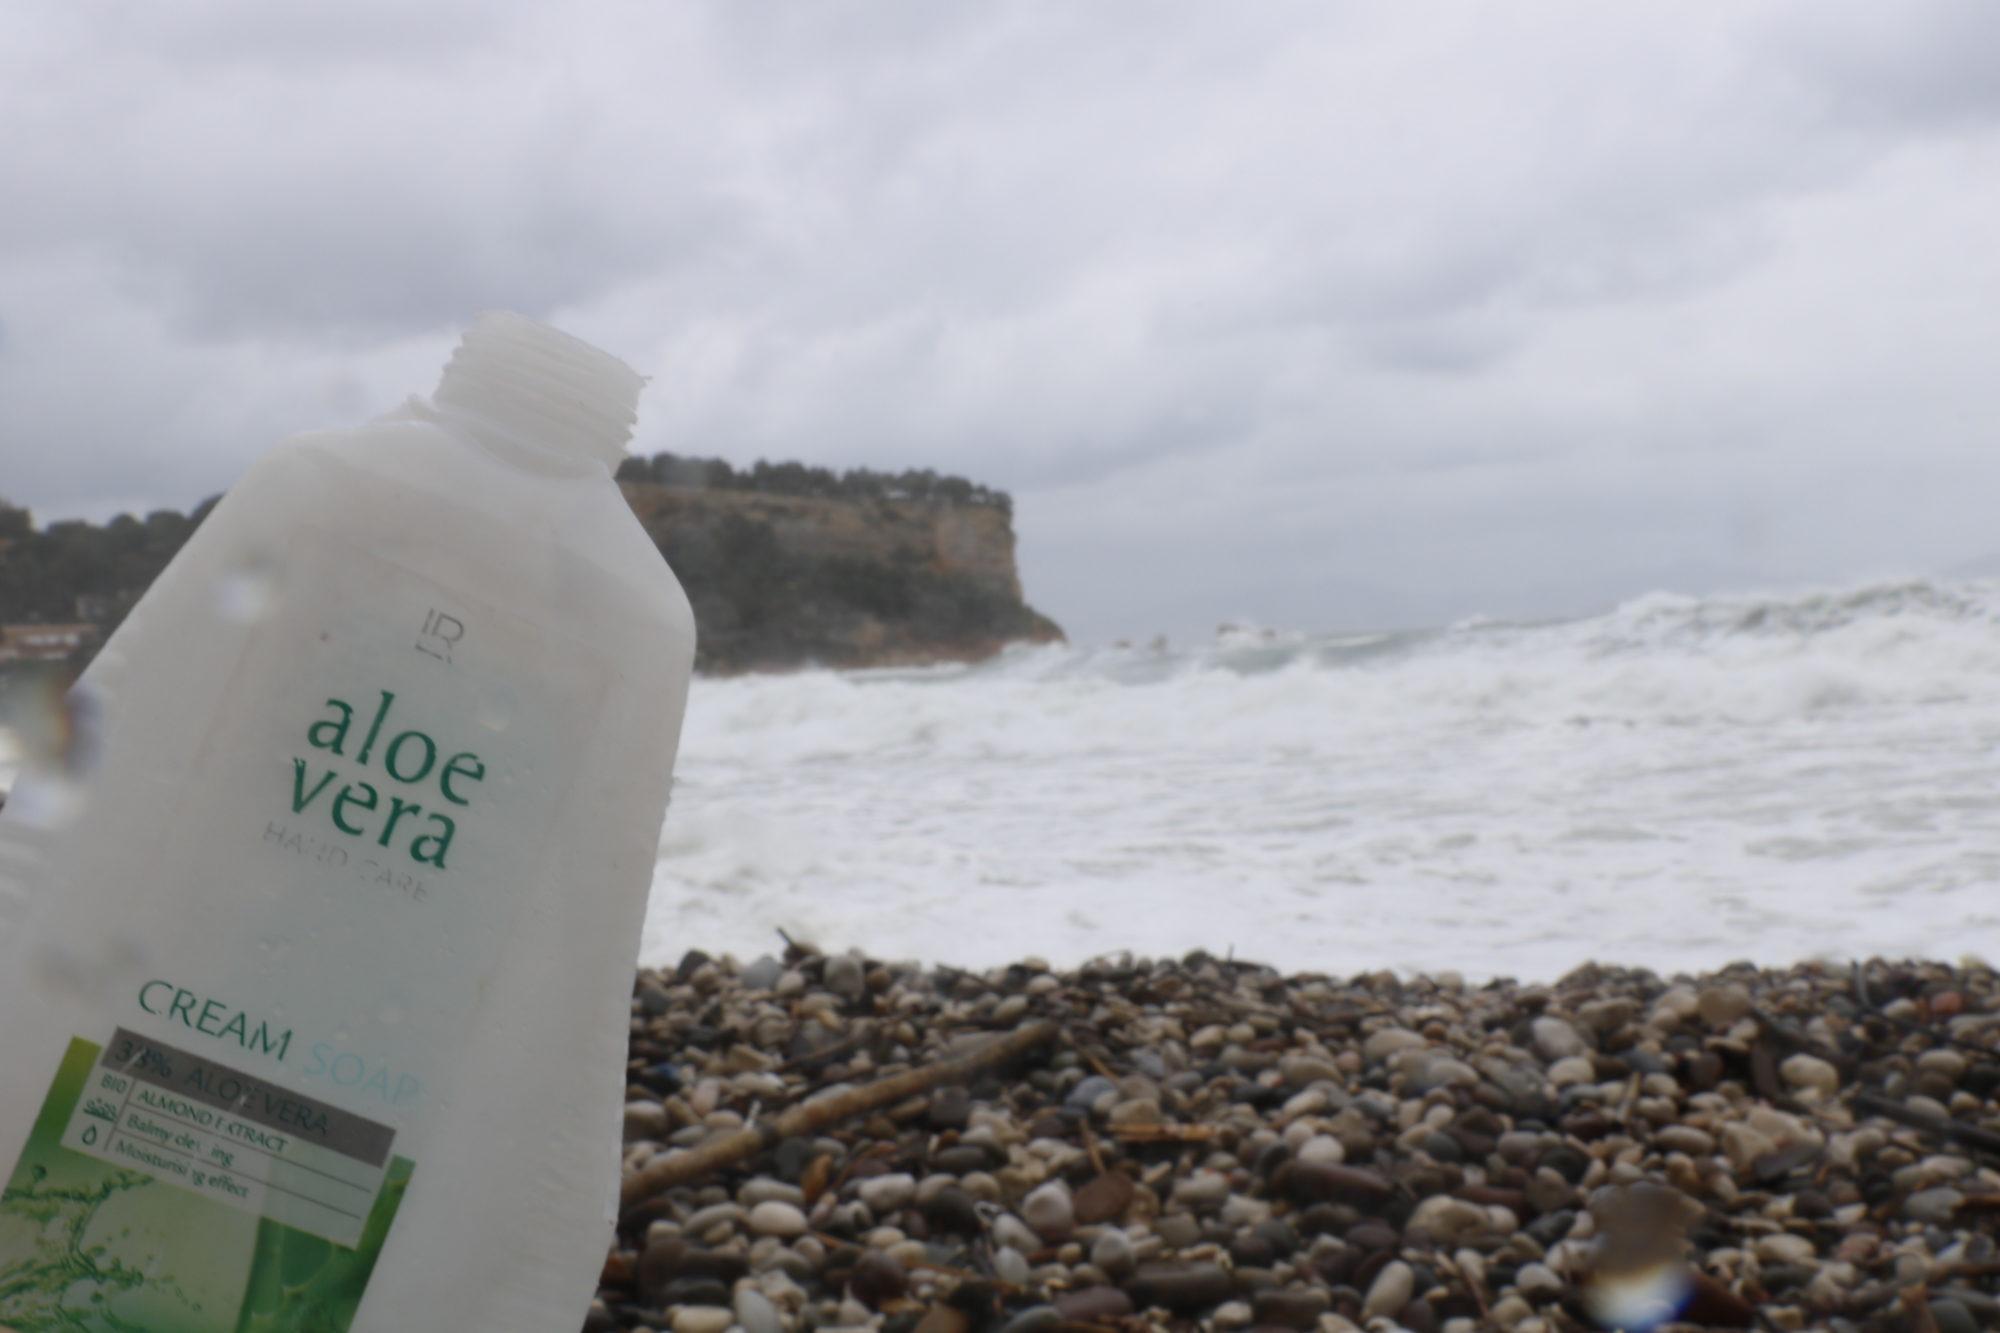 déchets, nettoyage des plages, spot, tempête, surf, aloe vera, surfeuse.fr, côte bleue, poubelle